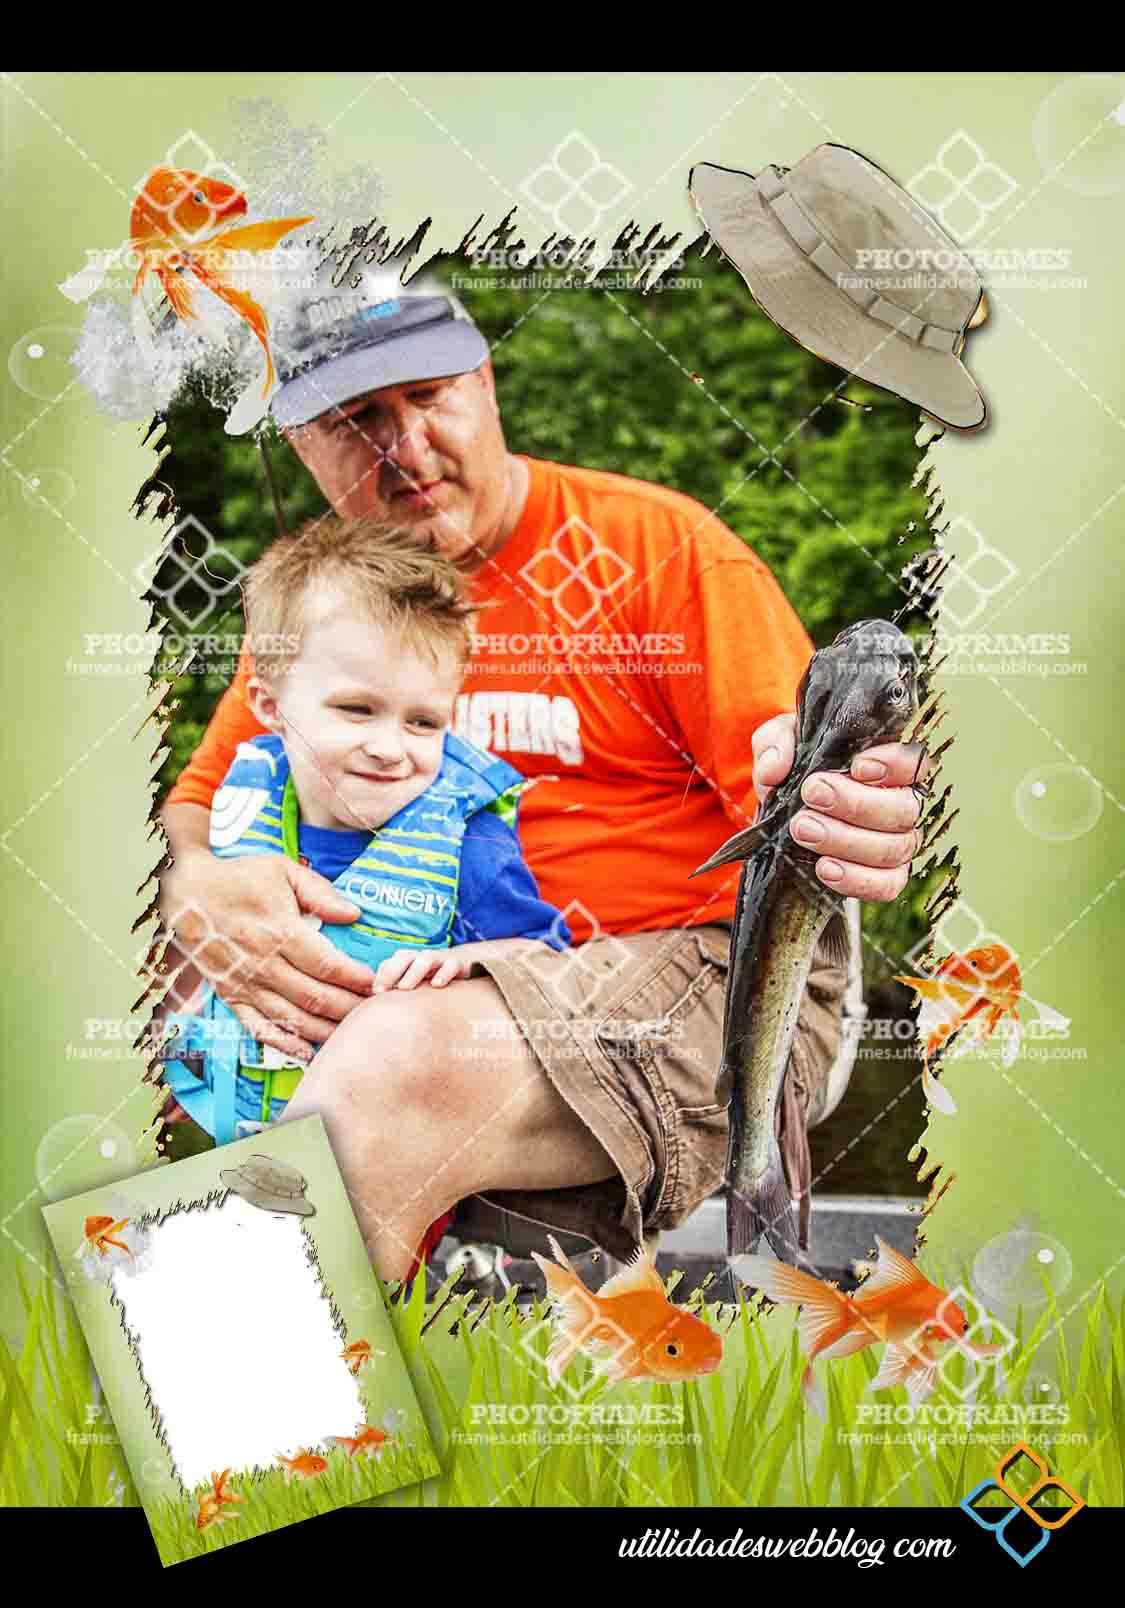 Marco para fotos del día del padre y abuelo pescador